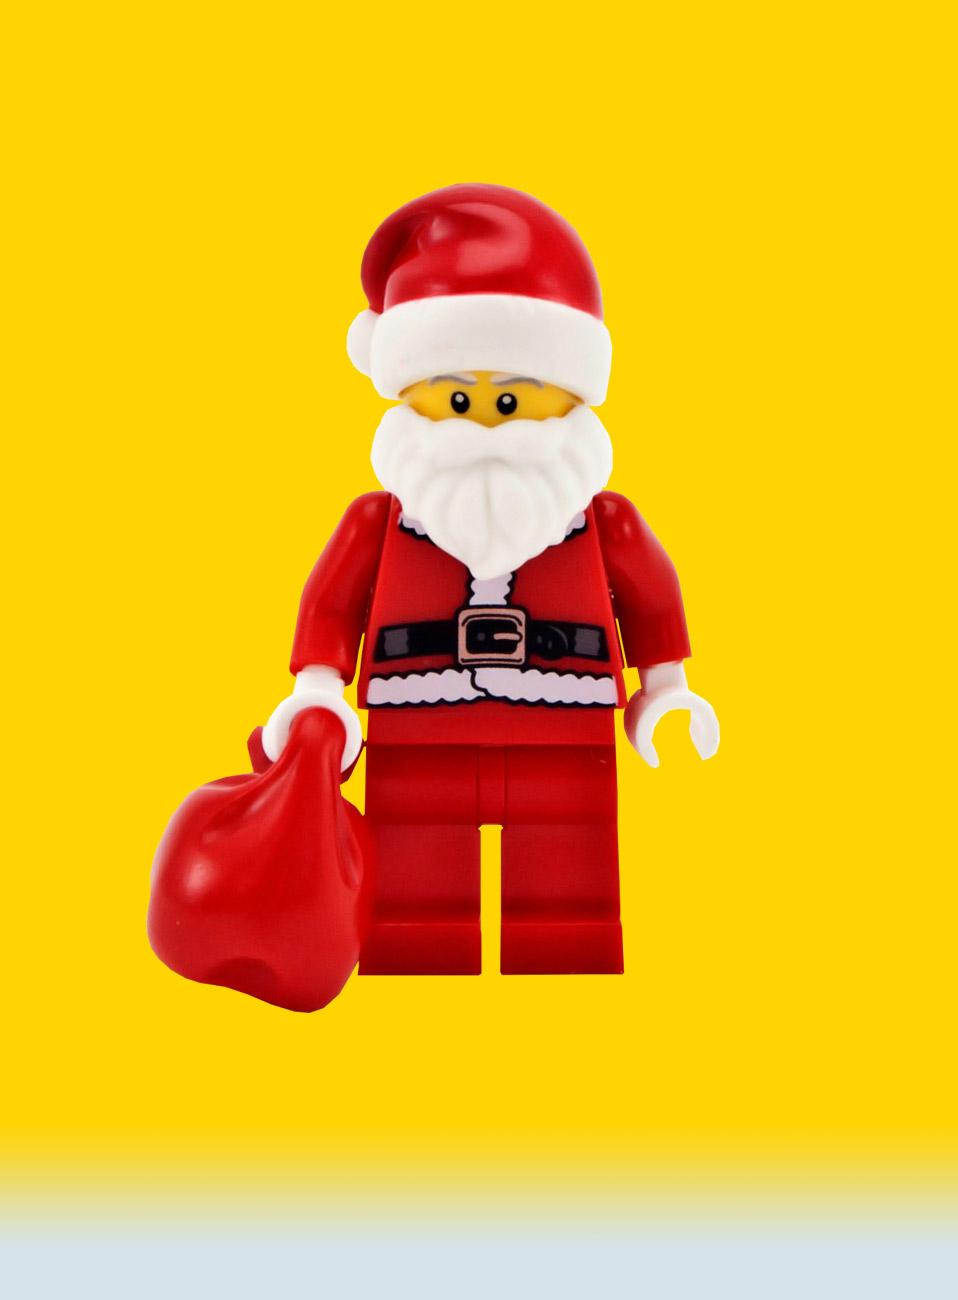 Lego adventskalender lego lek gadgets for Mobilia webhallen